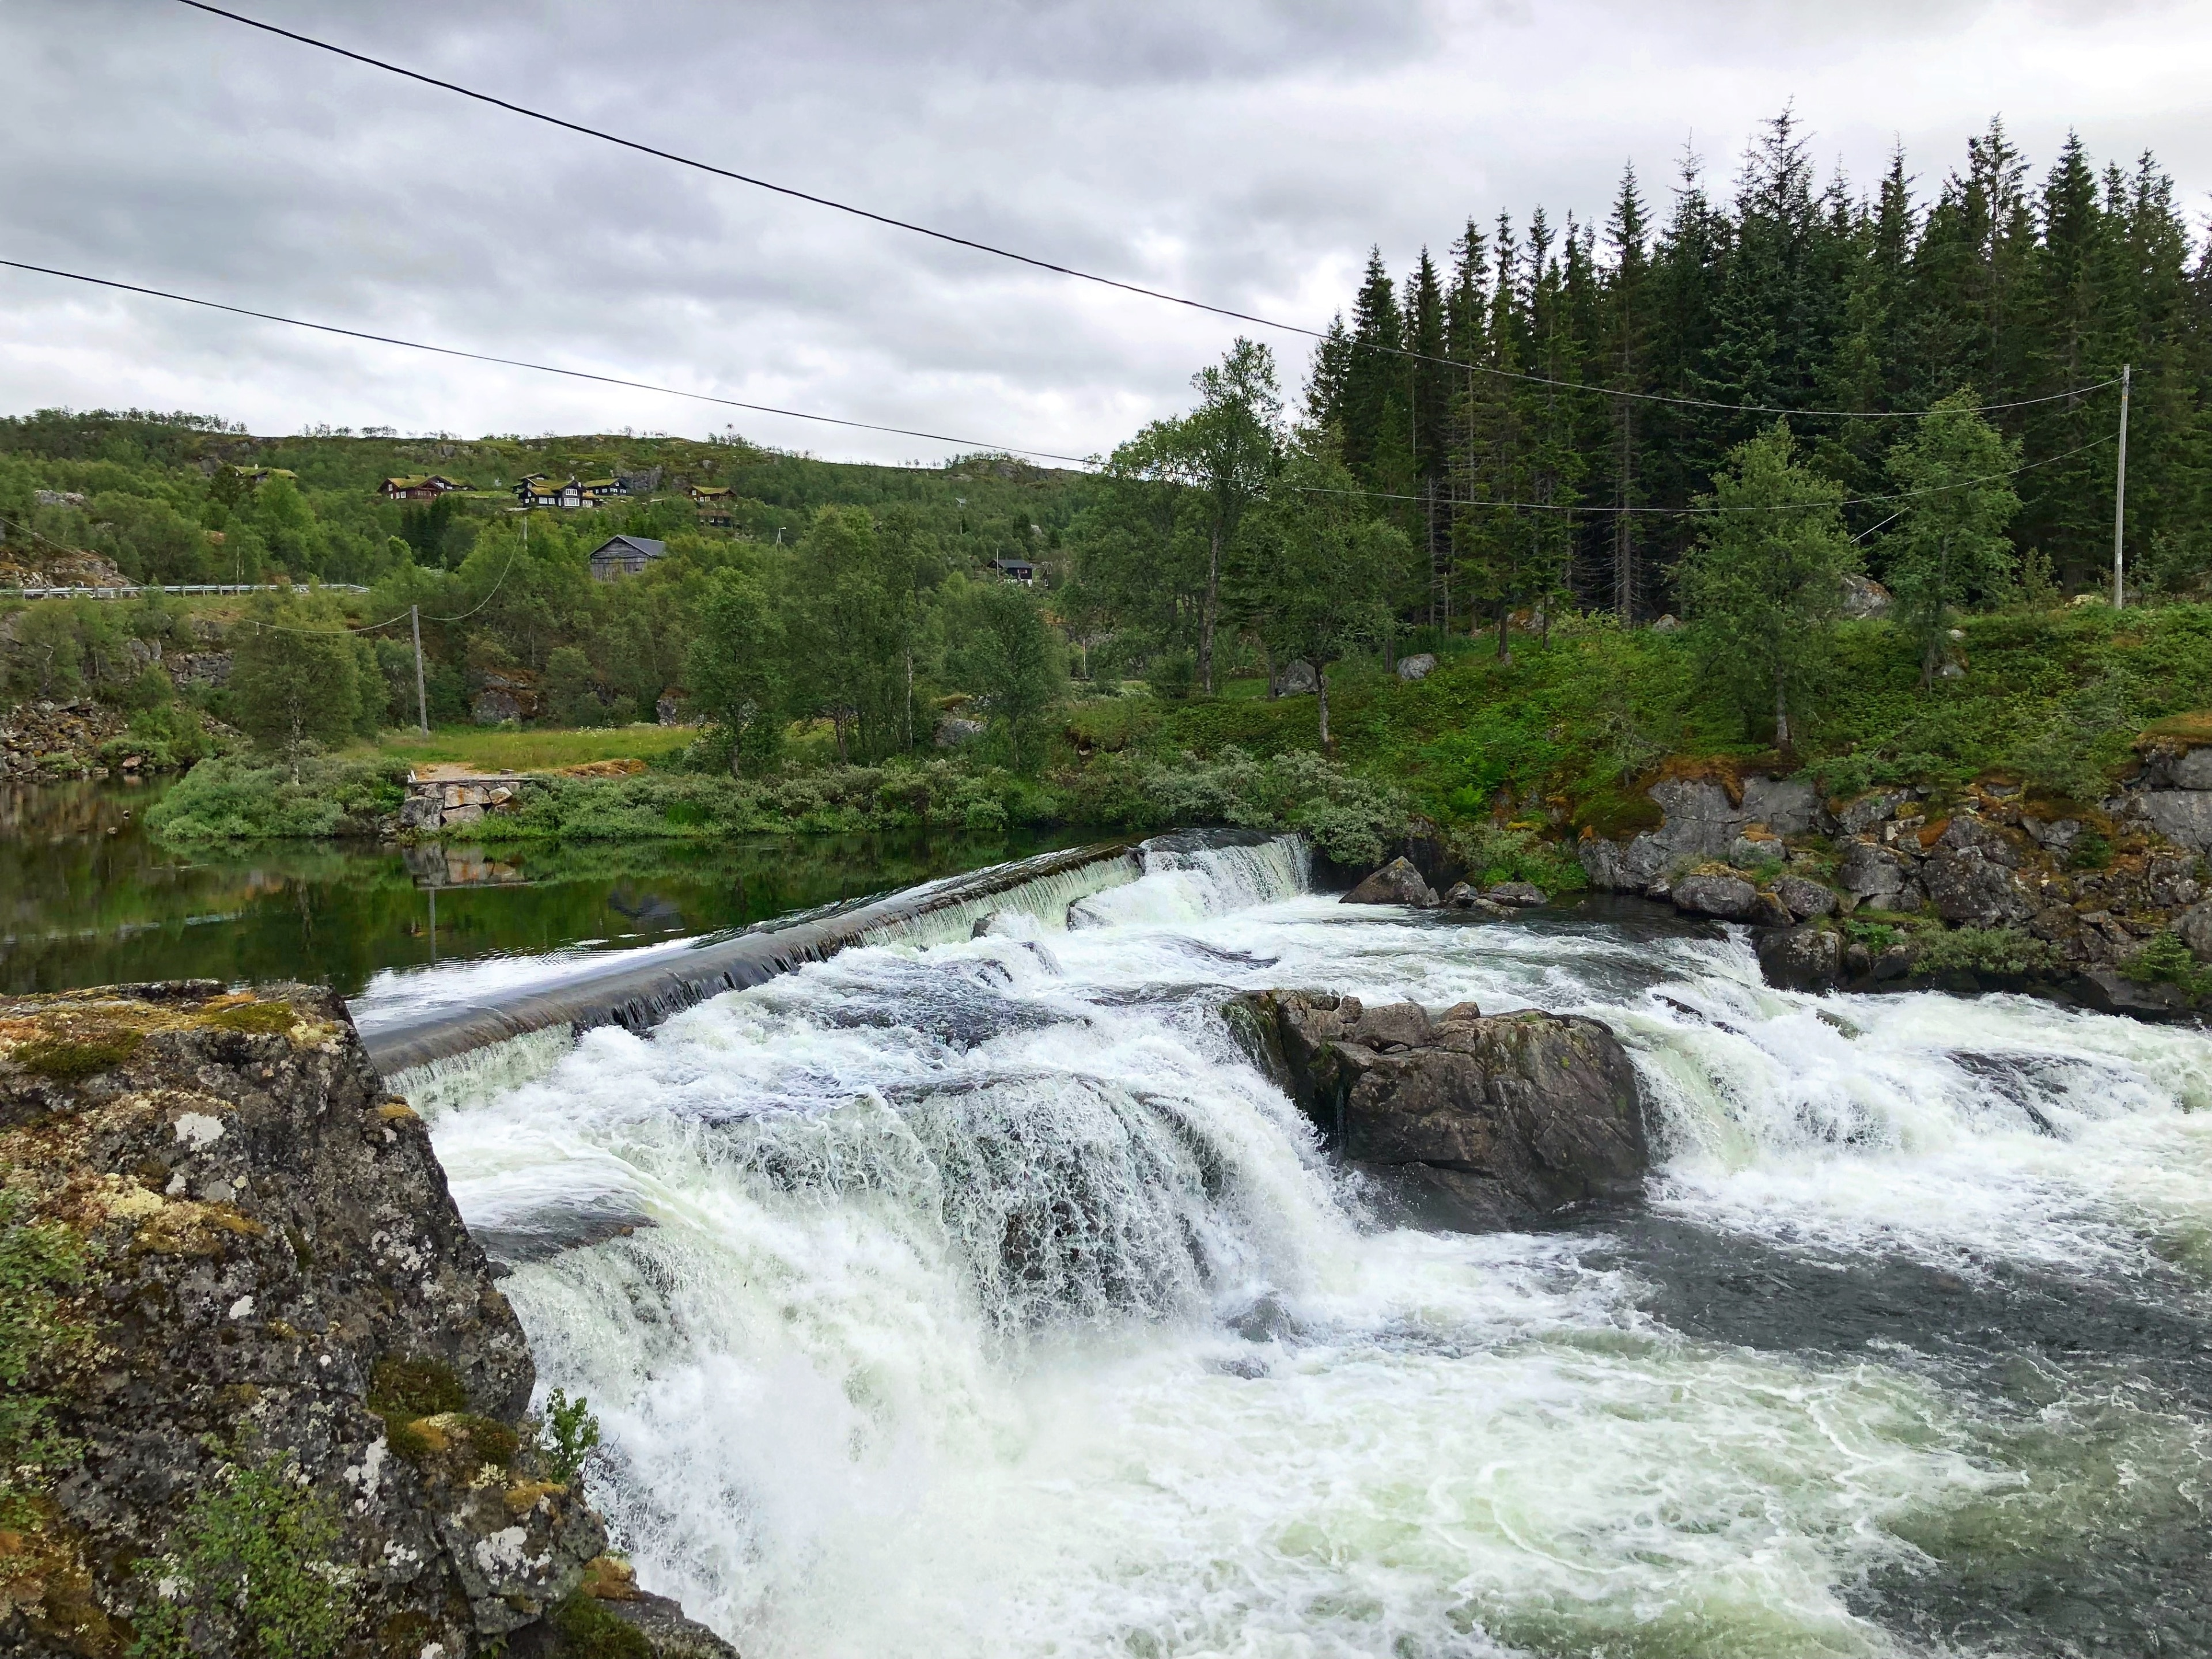 Voringfossen, Eidfjord, Vestland, Norway